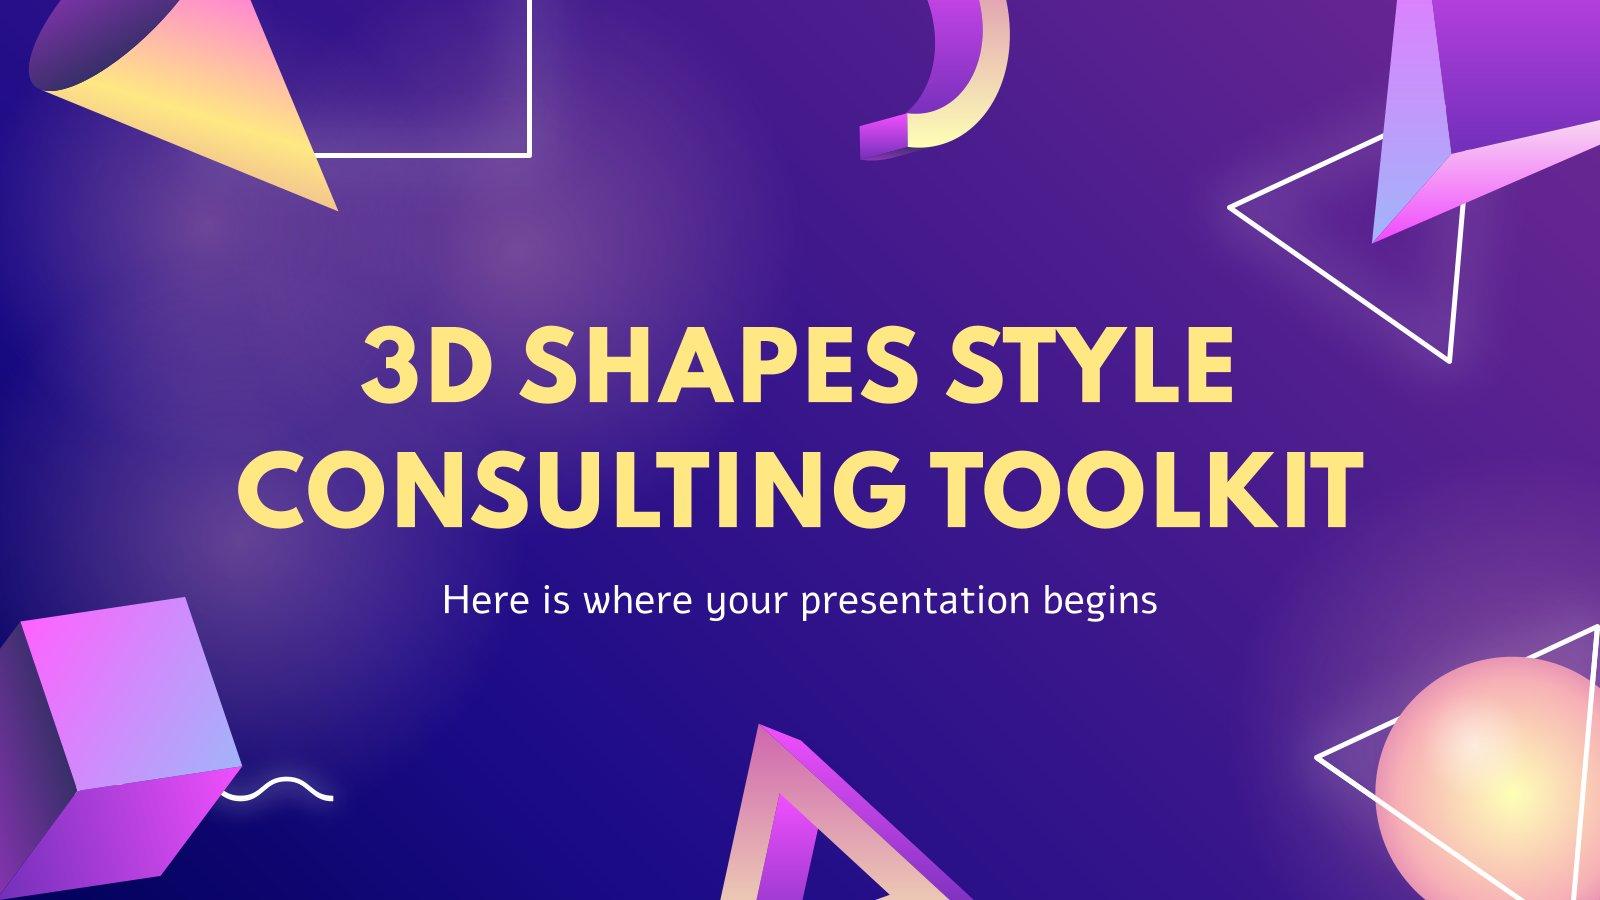 Plantilla de presentación Herramientas para consultores con formas 3D